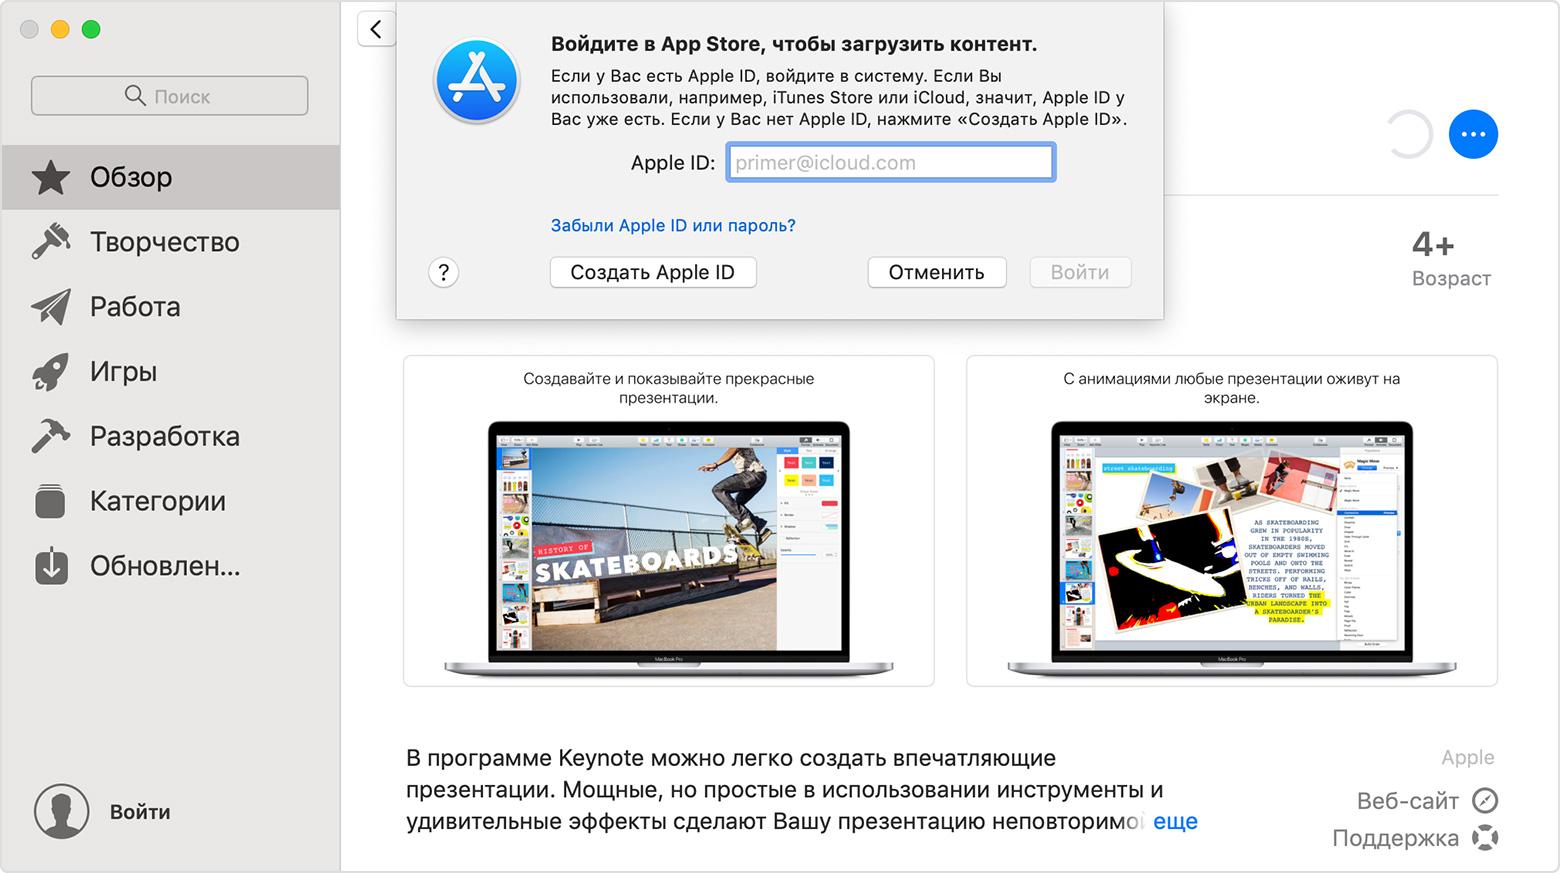 Окно AppStore на компьютере Mac: на заднем плане страница сведений о программе Keynote, на переднем— всплывающее окно «Войдите в AppStore, чтобы загрузить контент».